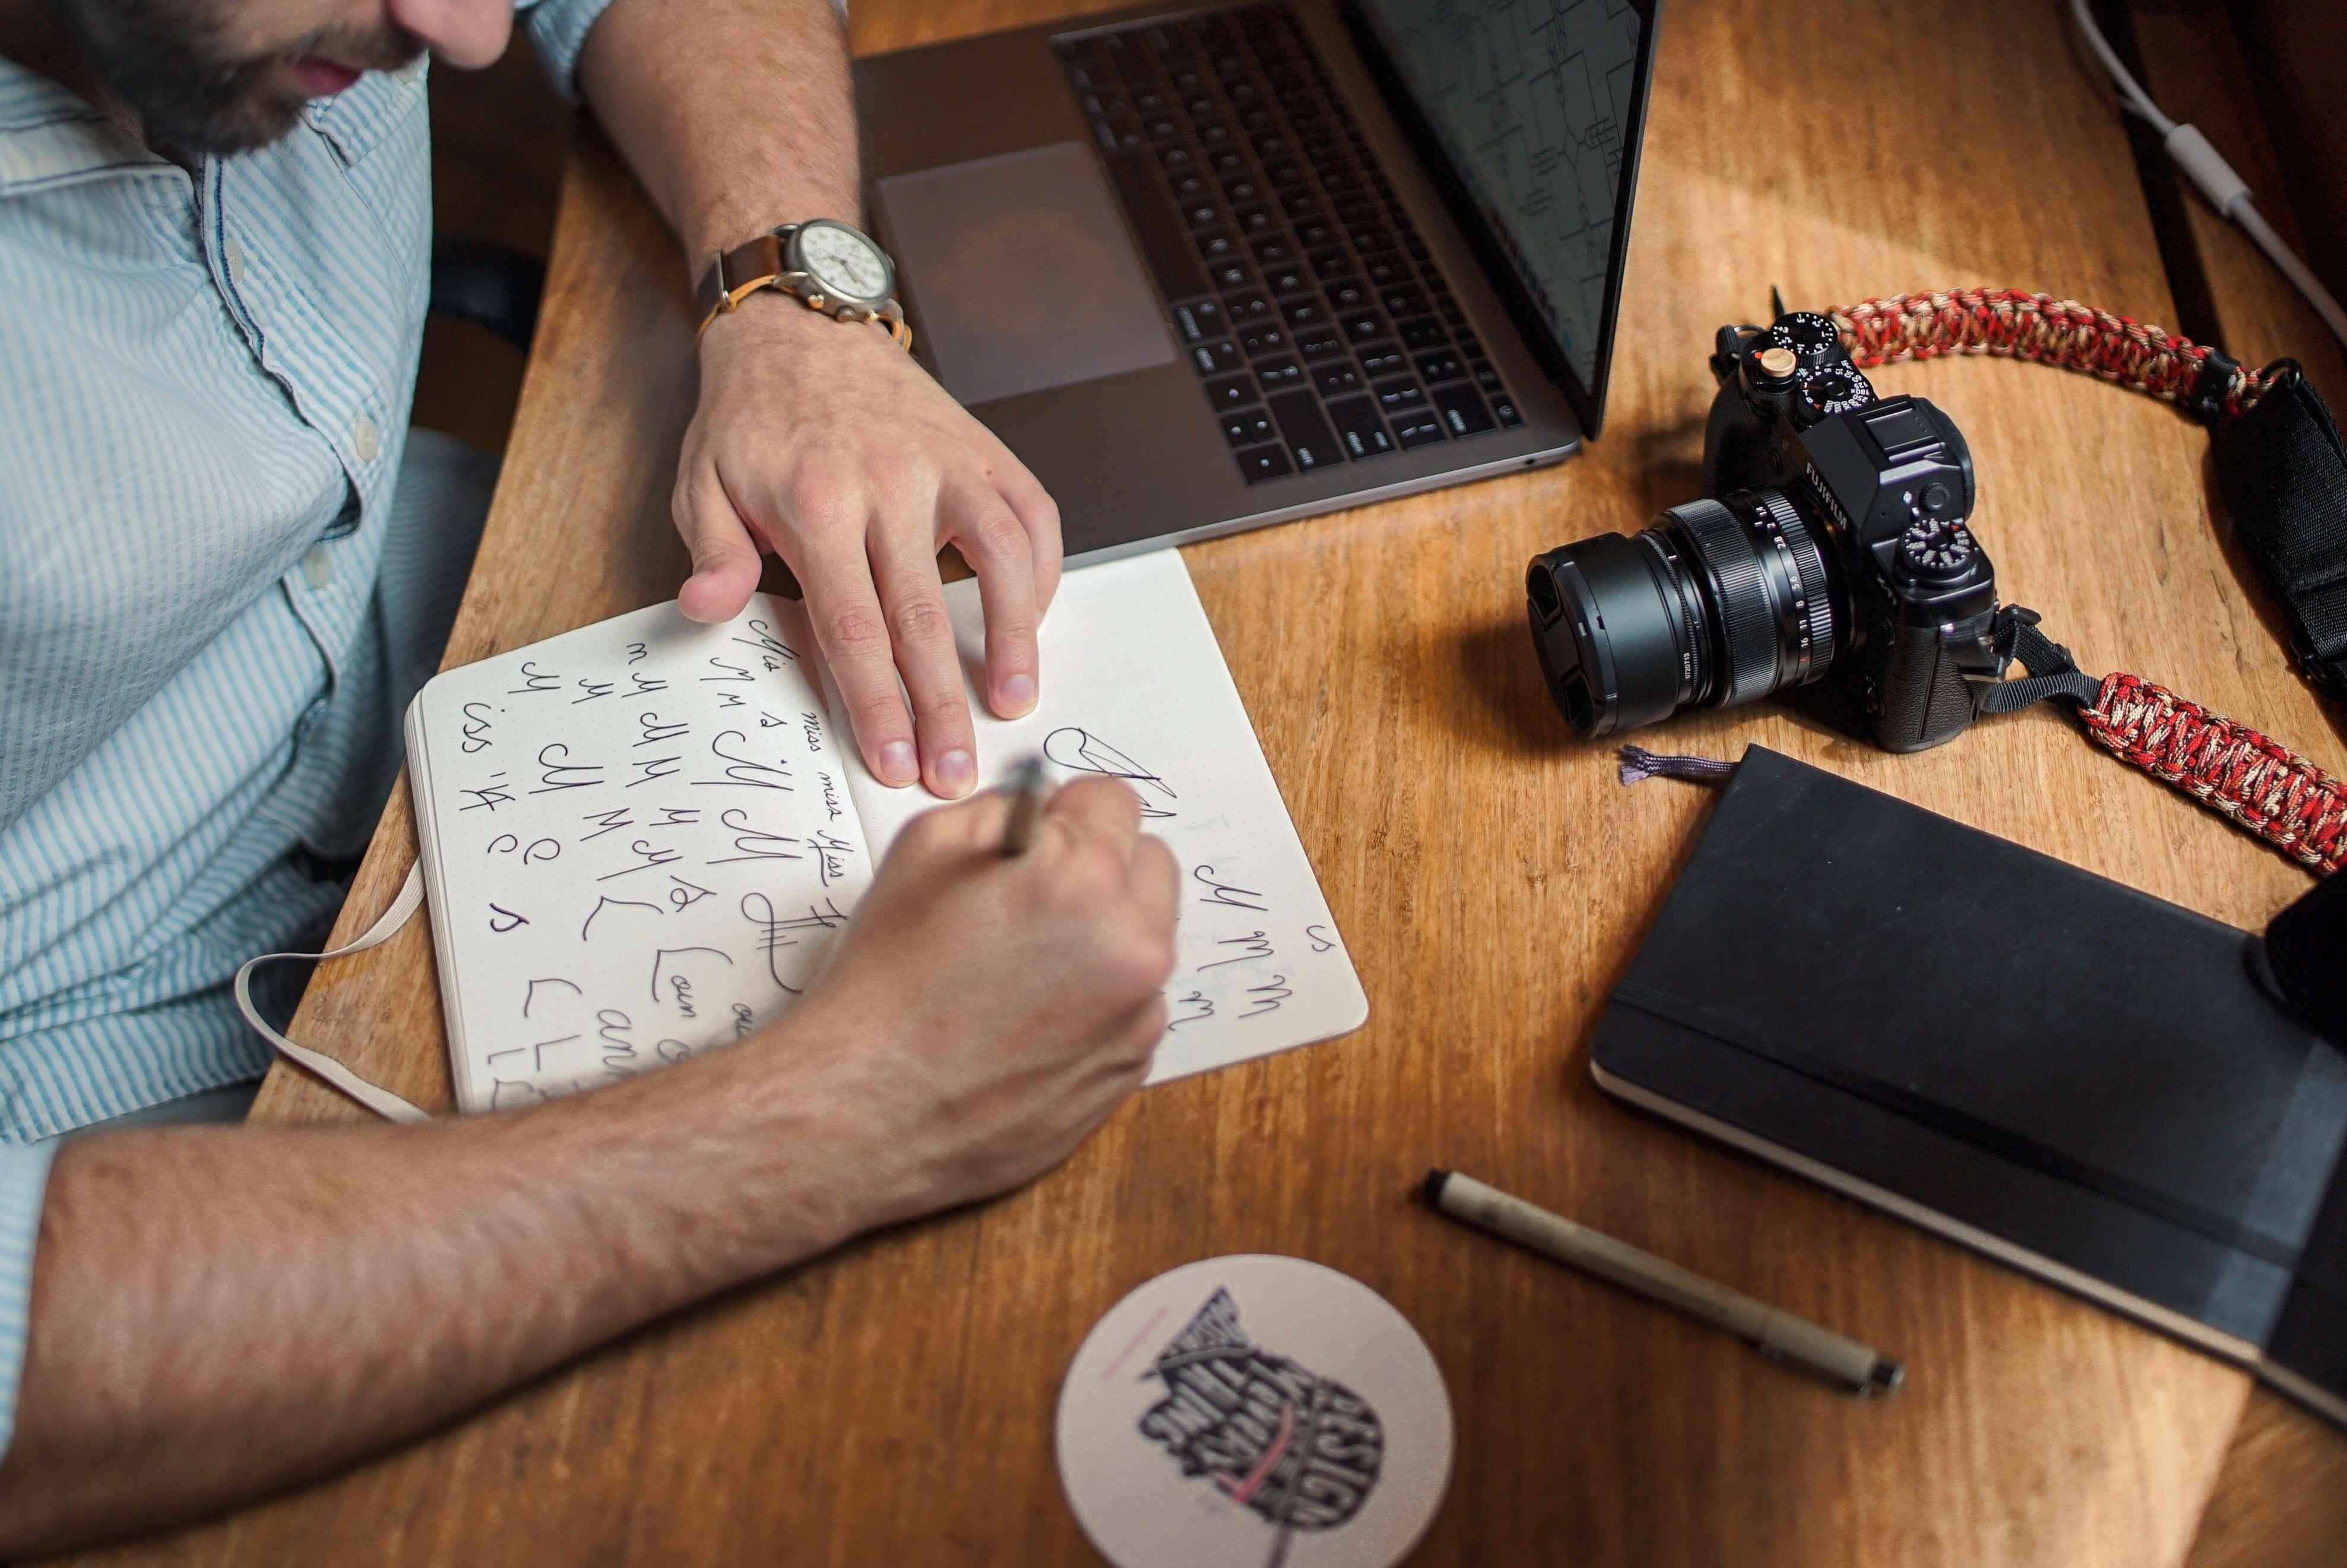 Le guide pour créer une identité de marque mémorable